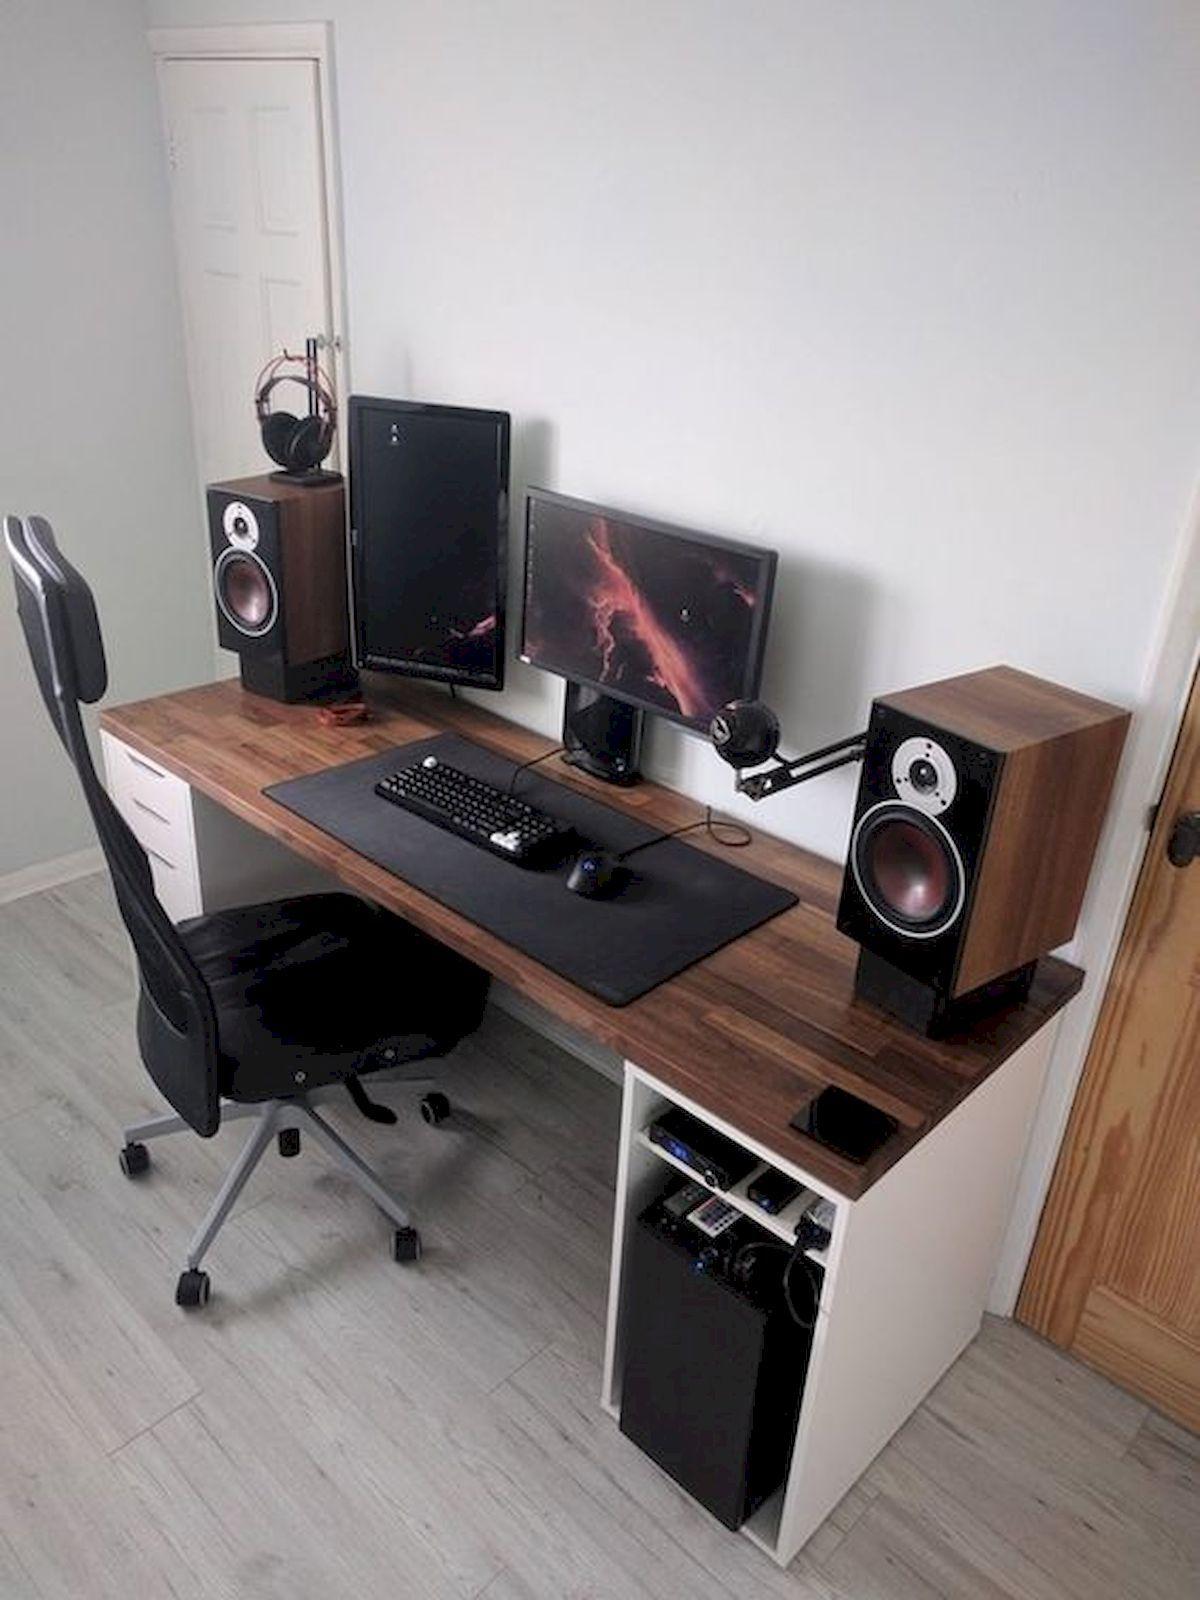 50 Favorite Diy Computer Desk Design Ideas And Decor Computer Desk Design Diy Computer Desk Computer Desk Setup